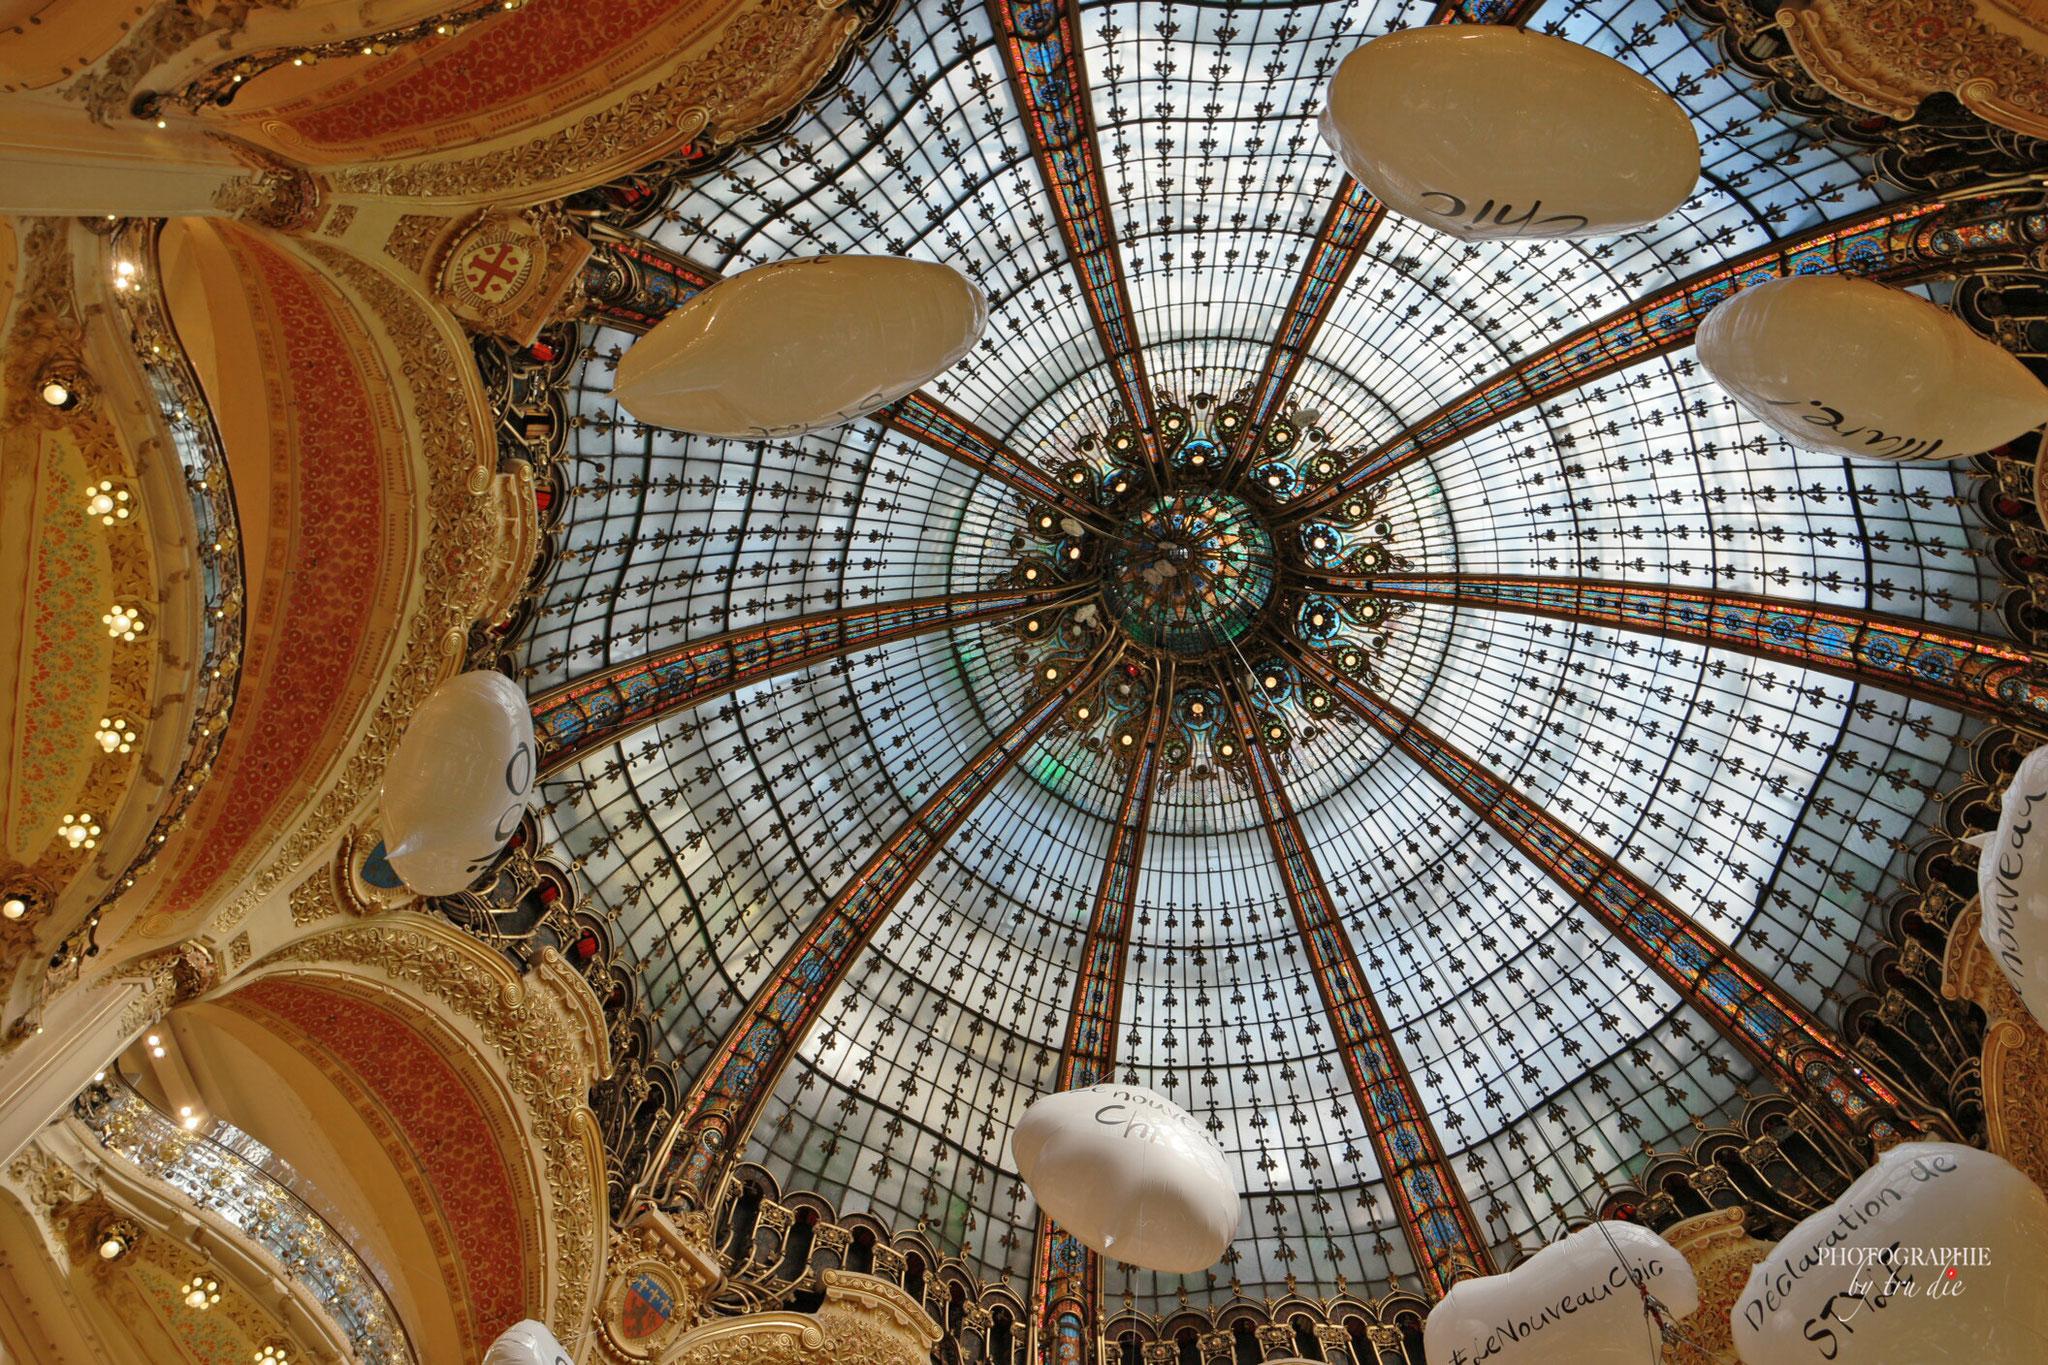 Bild: Galeries Lafayette mit Blick in die Kuppel, Paris